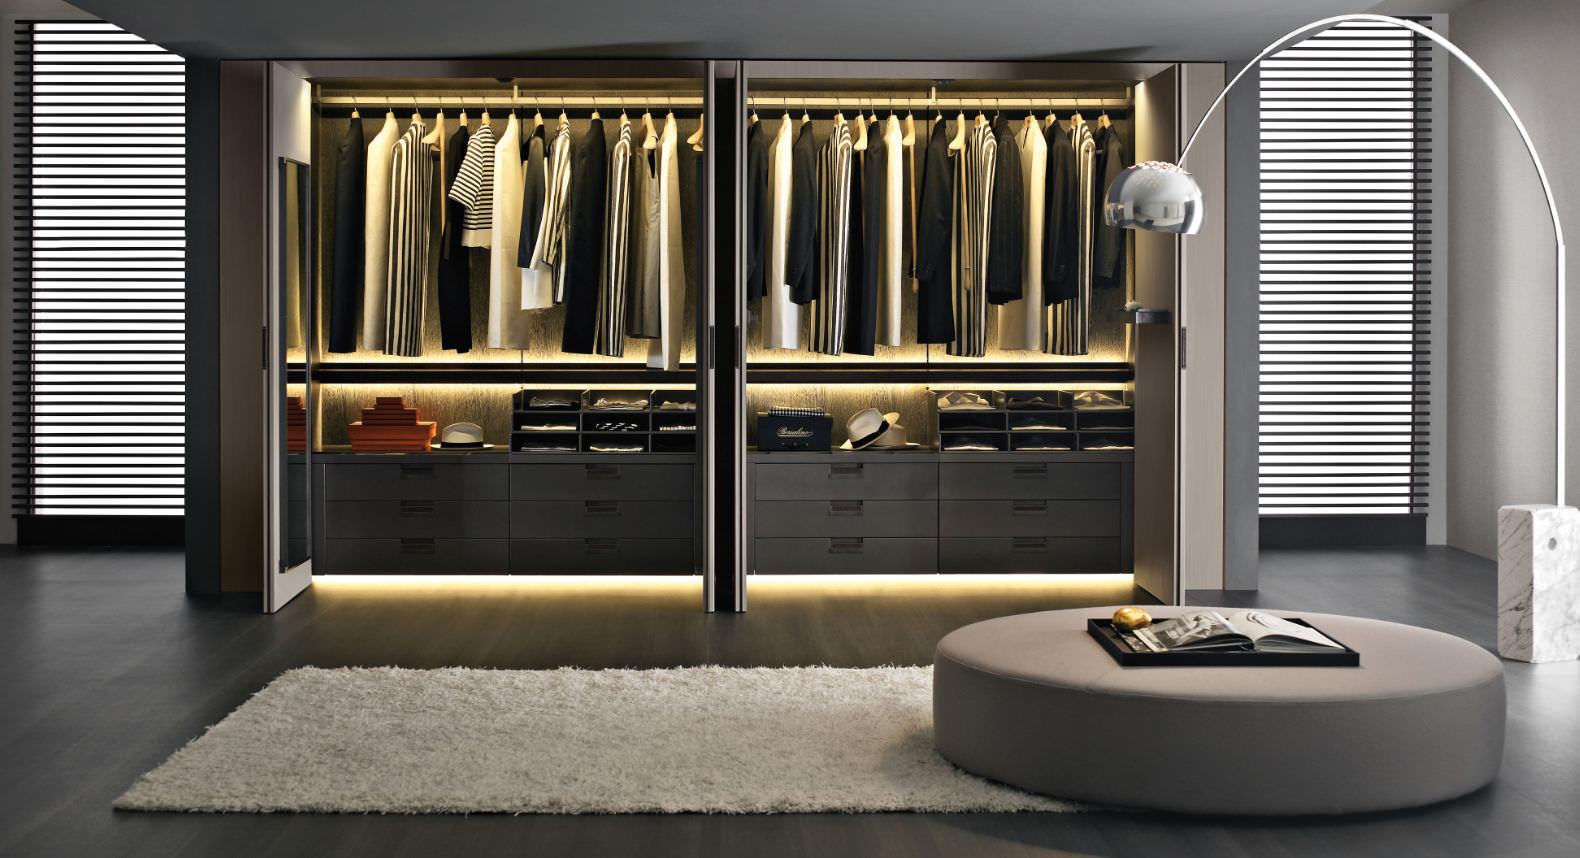 Revista muebles mobiliario de dise o for Modelos de armarios modernos